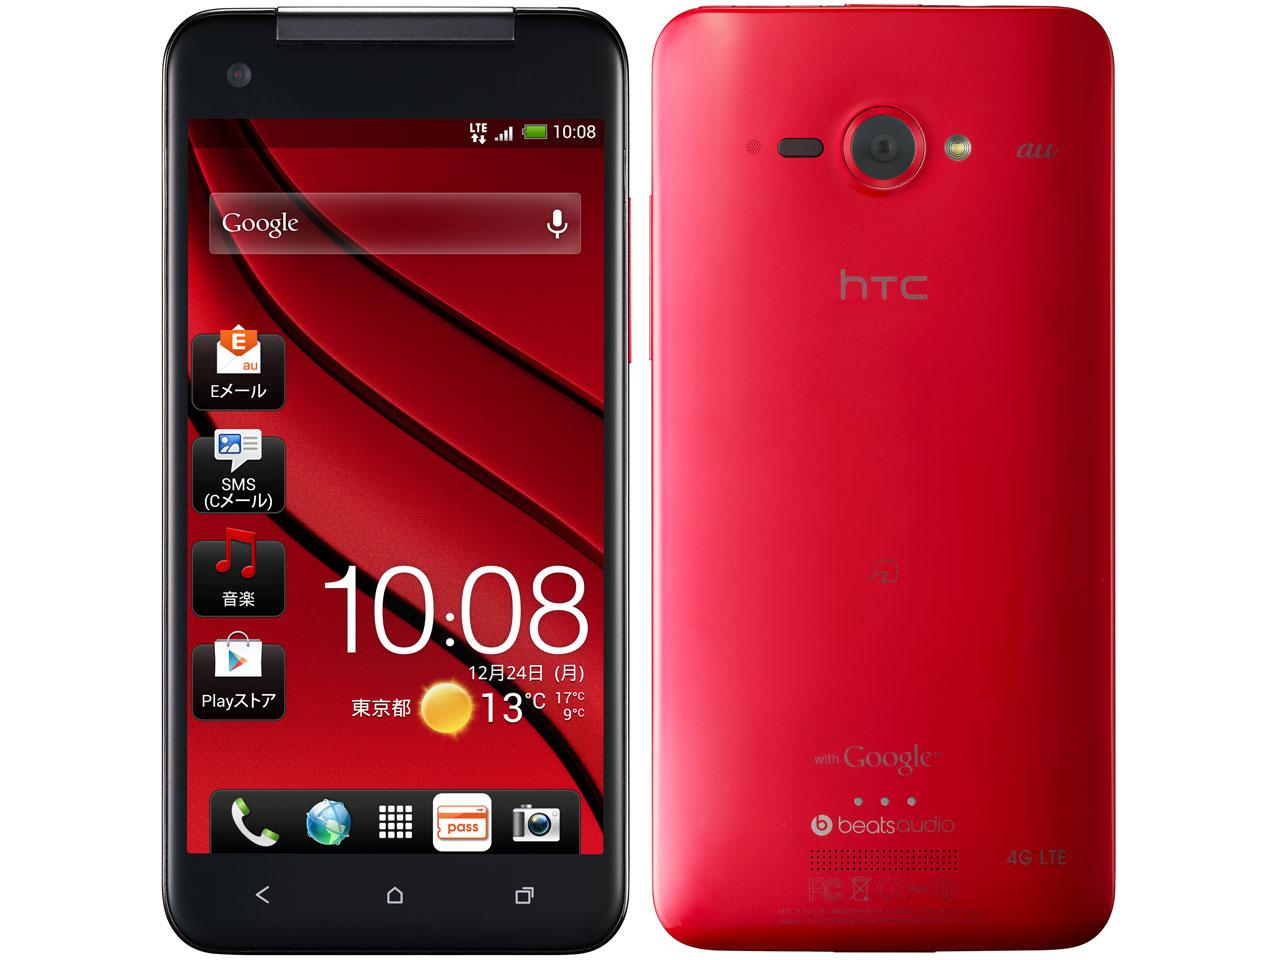 HTC J butterfly(HTL21)